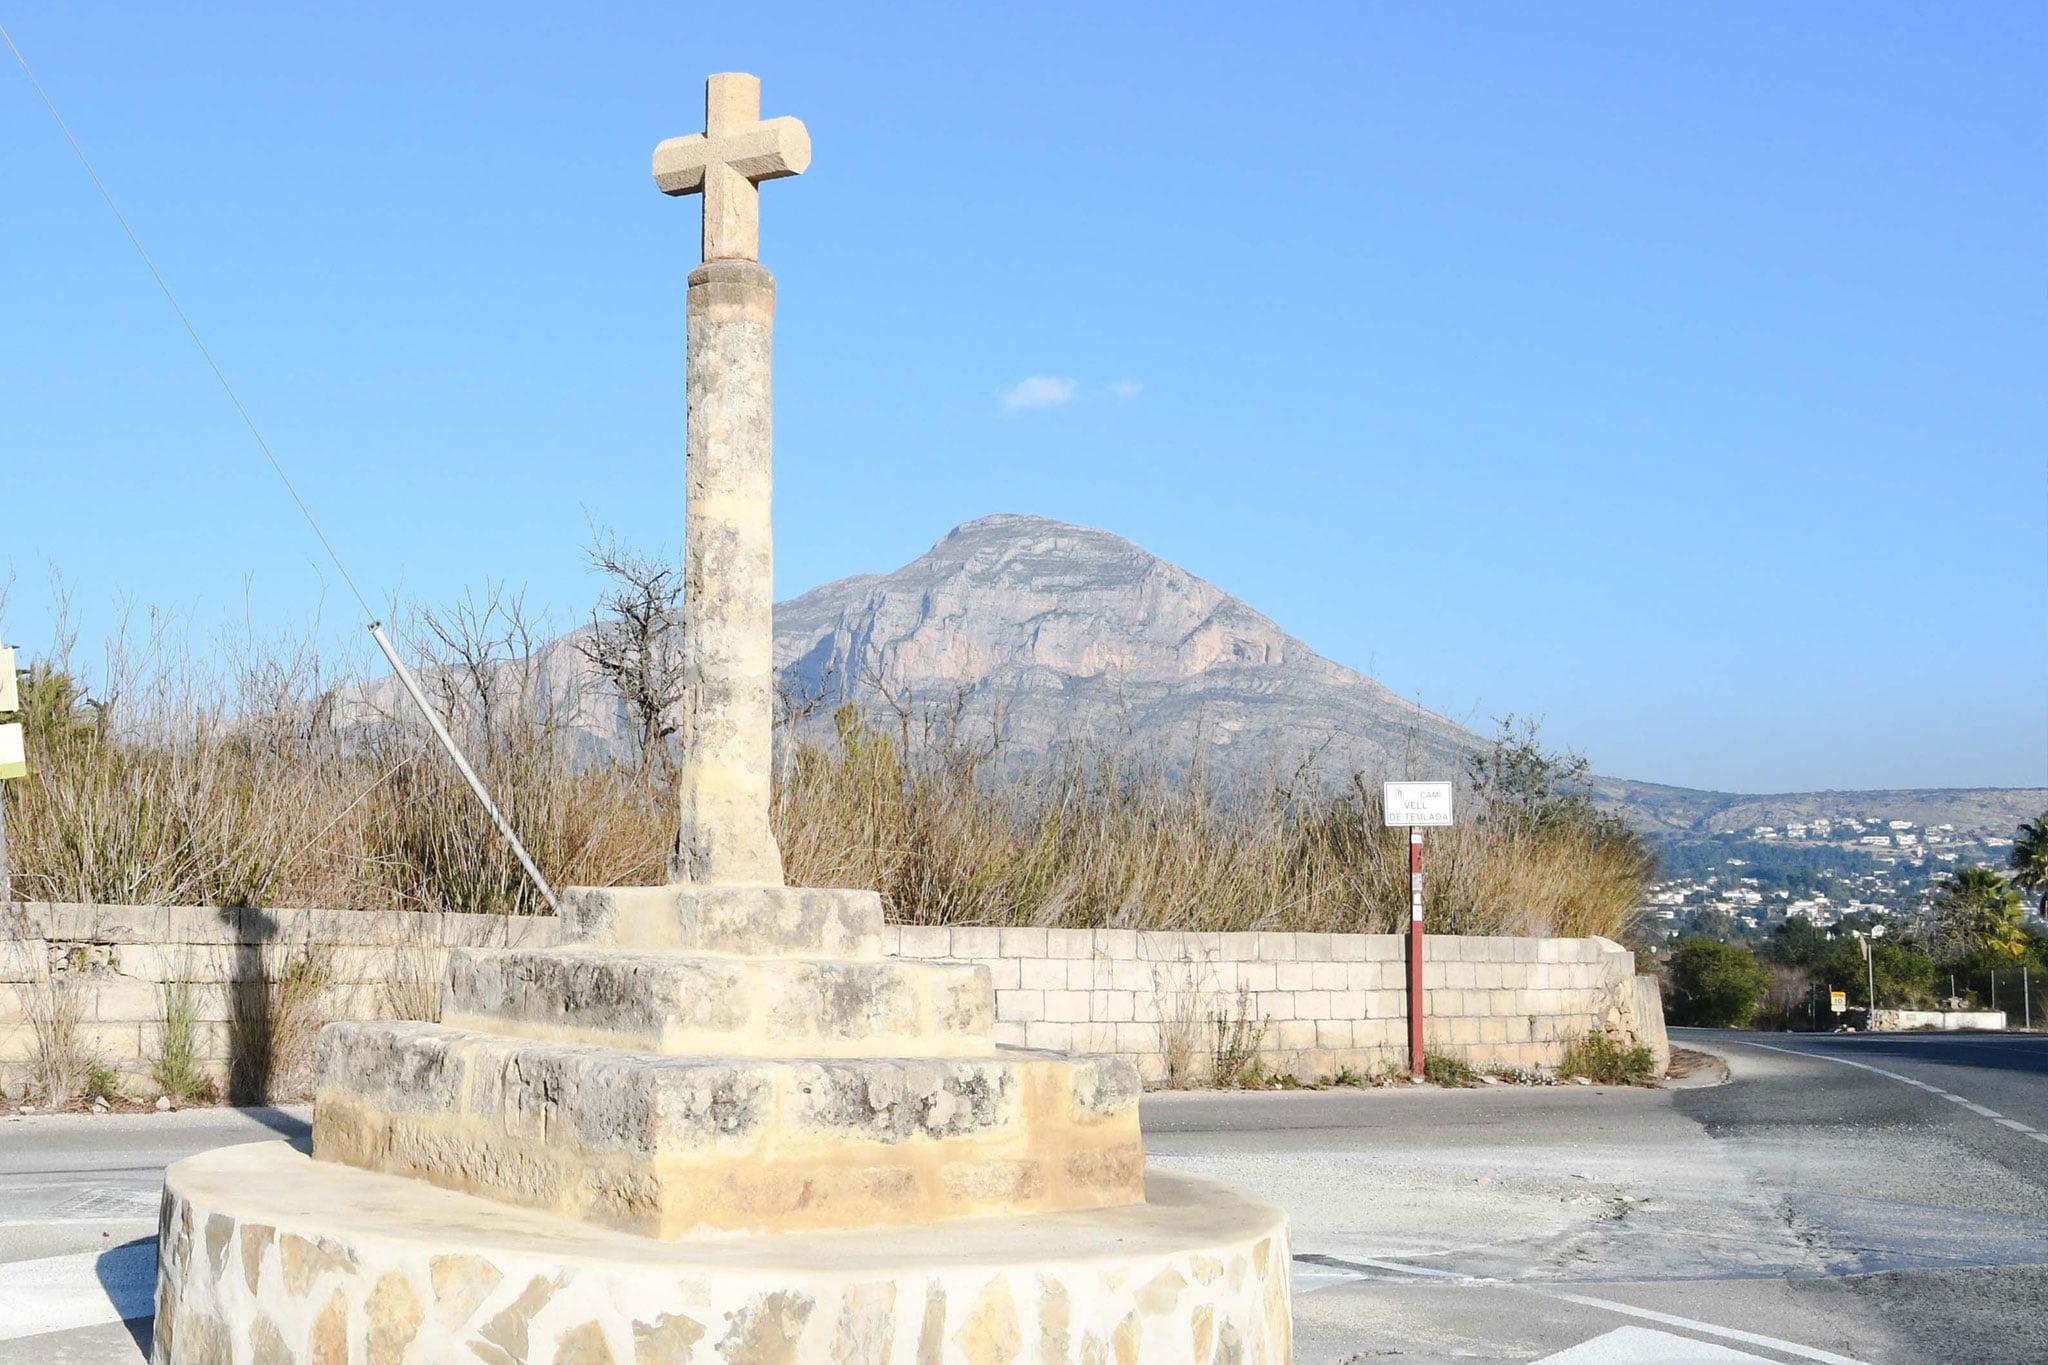 La Cruz de Armella de Jávea